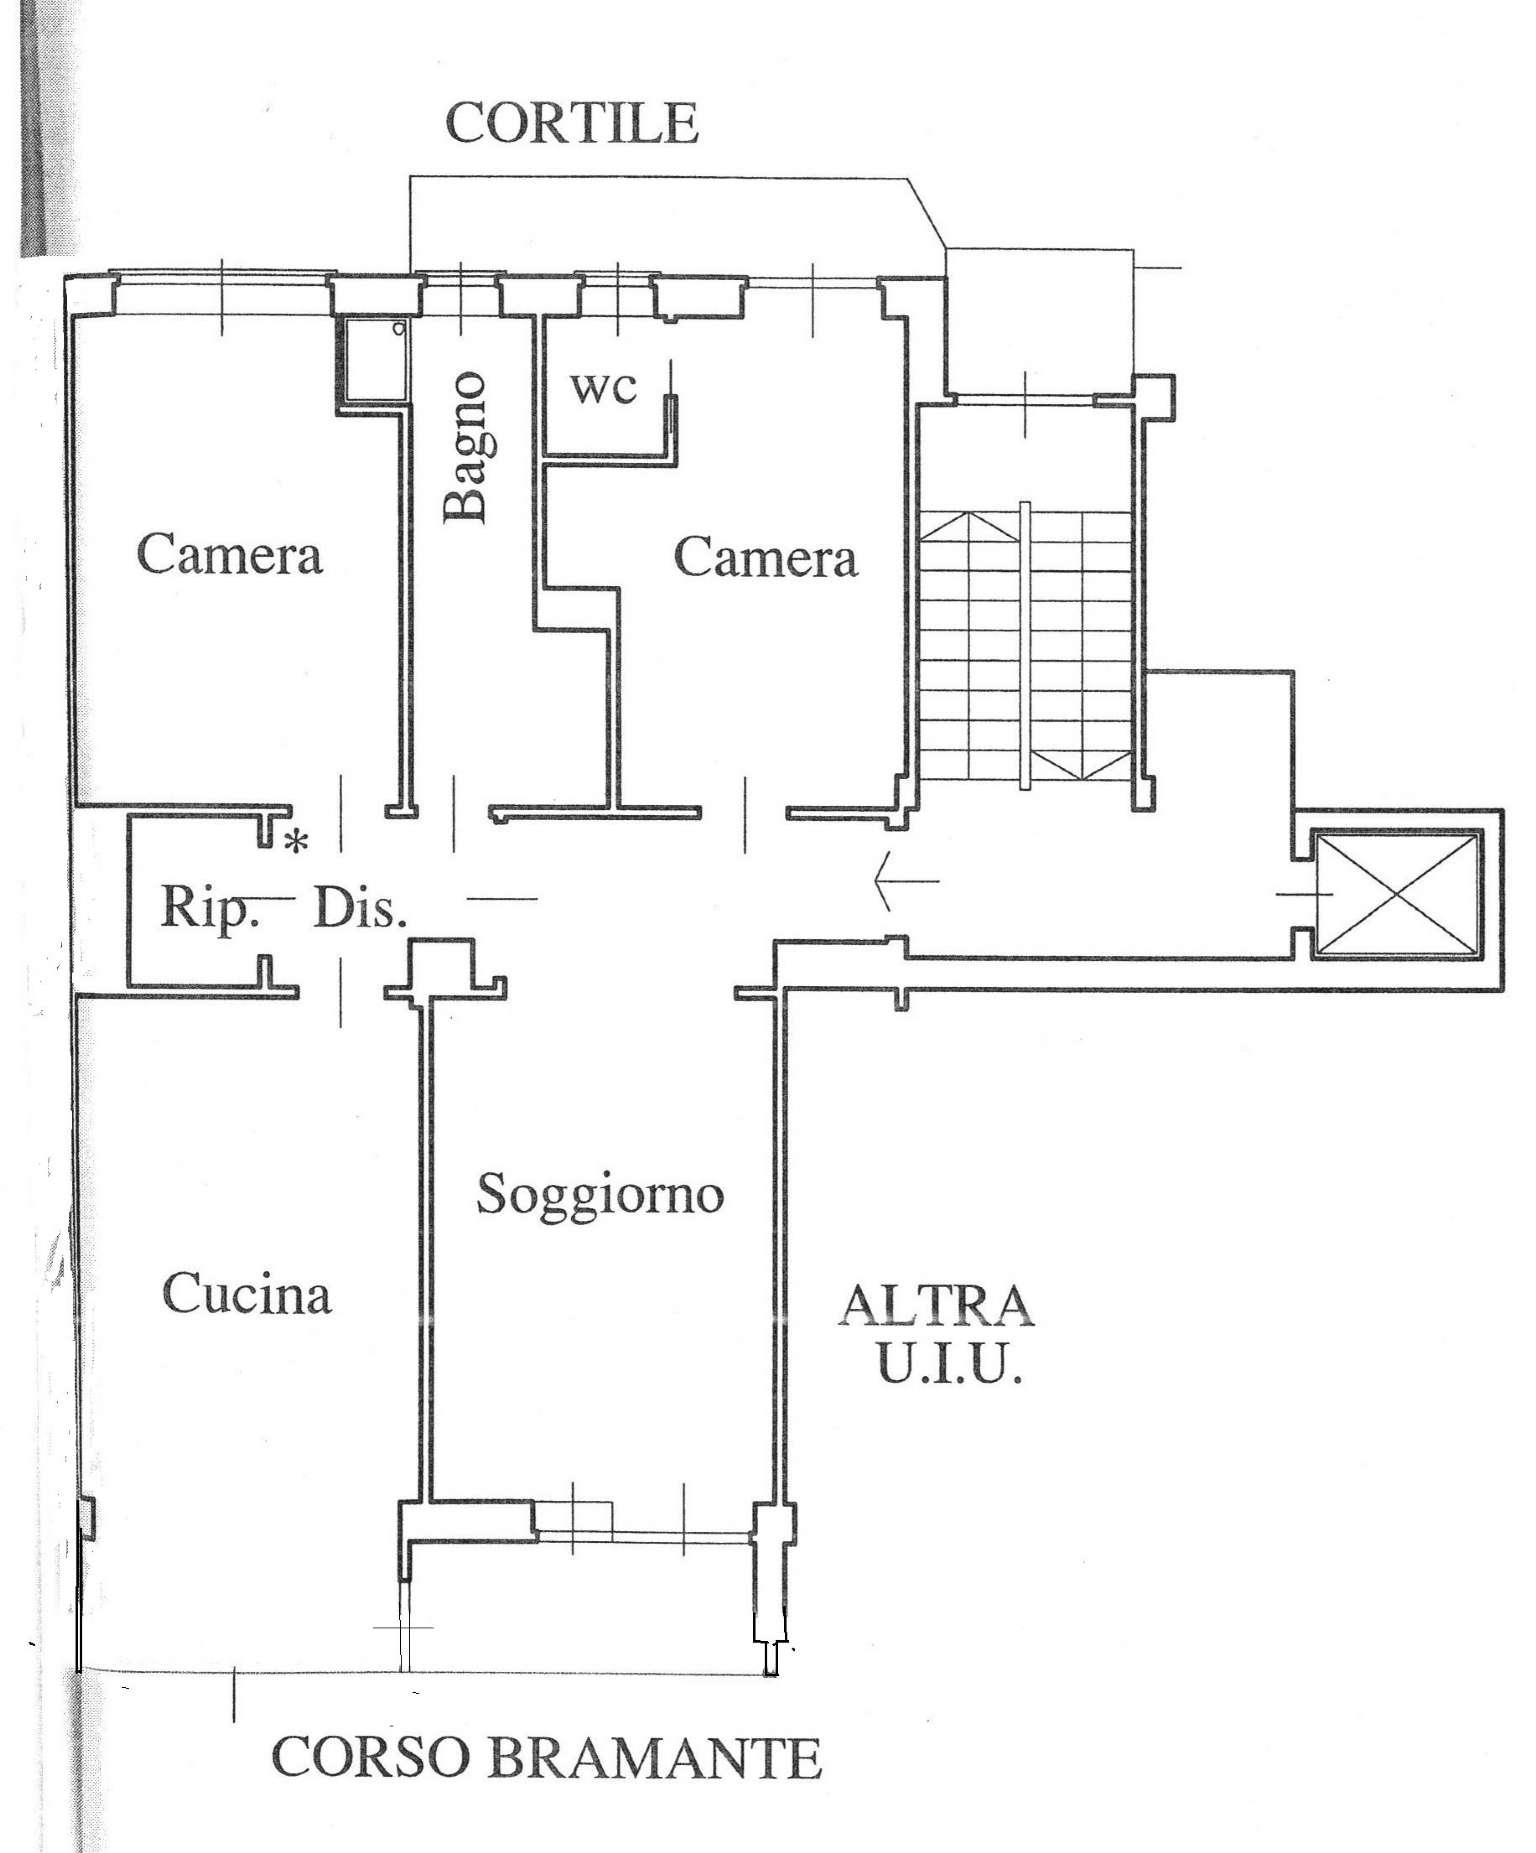 Torino Torino Vendita APPARTAMENTO » cercasi appartamento da affittare a torino